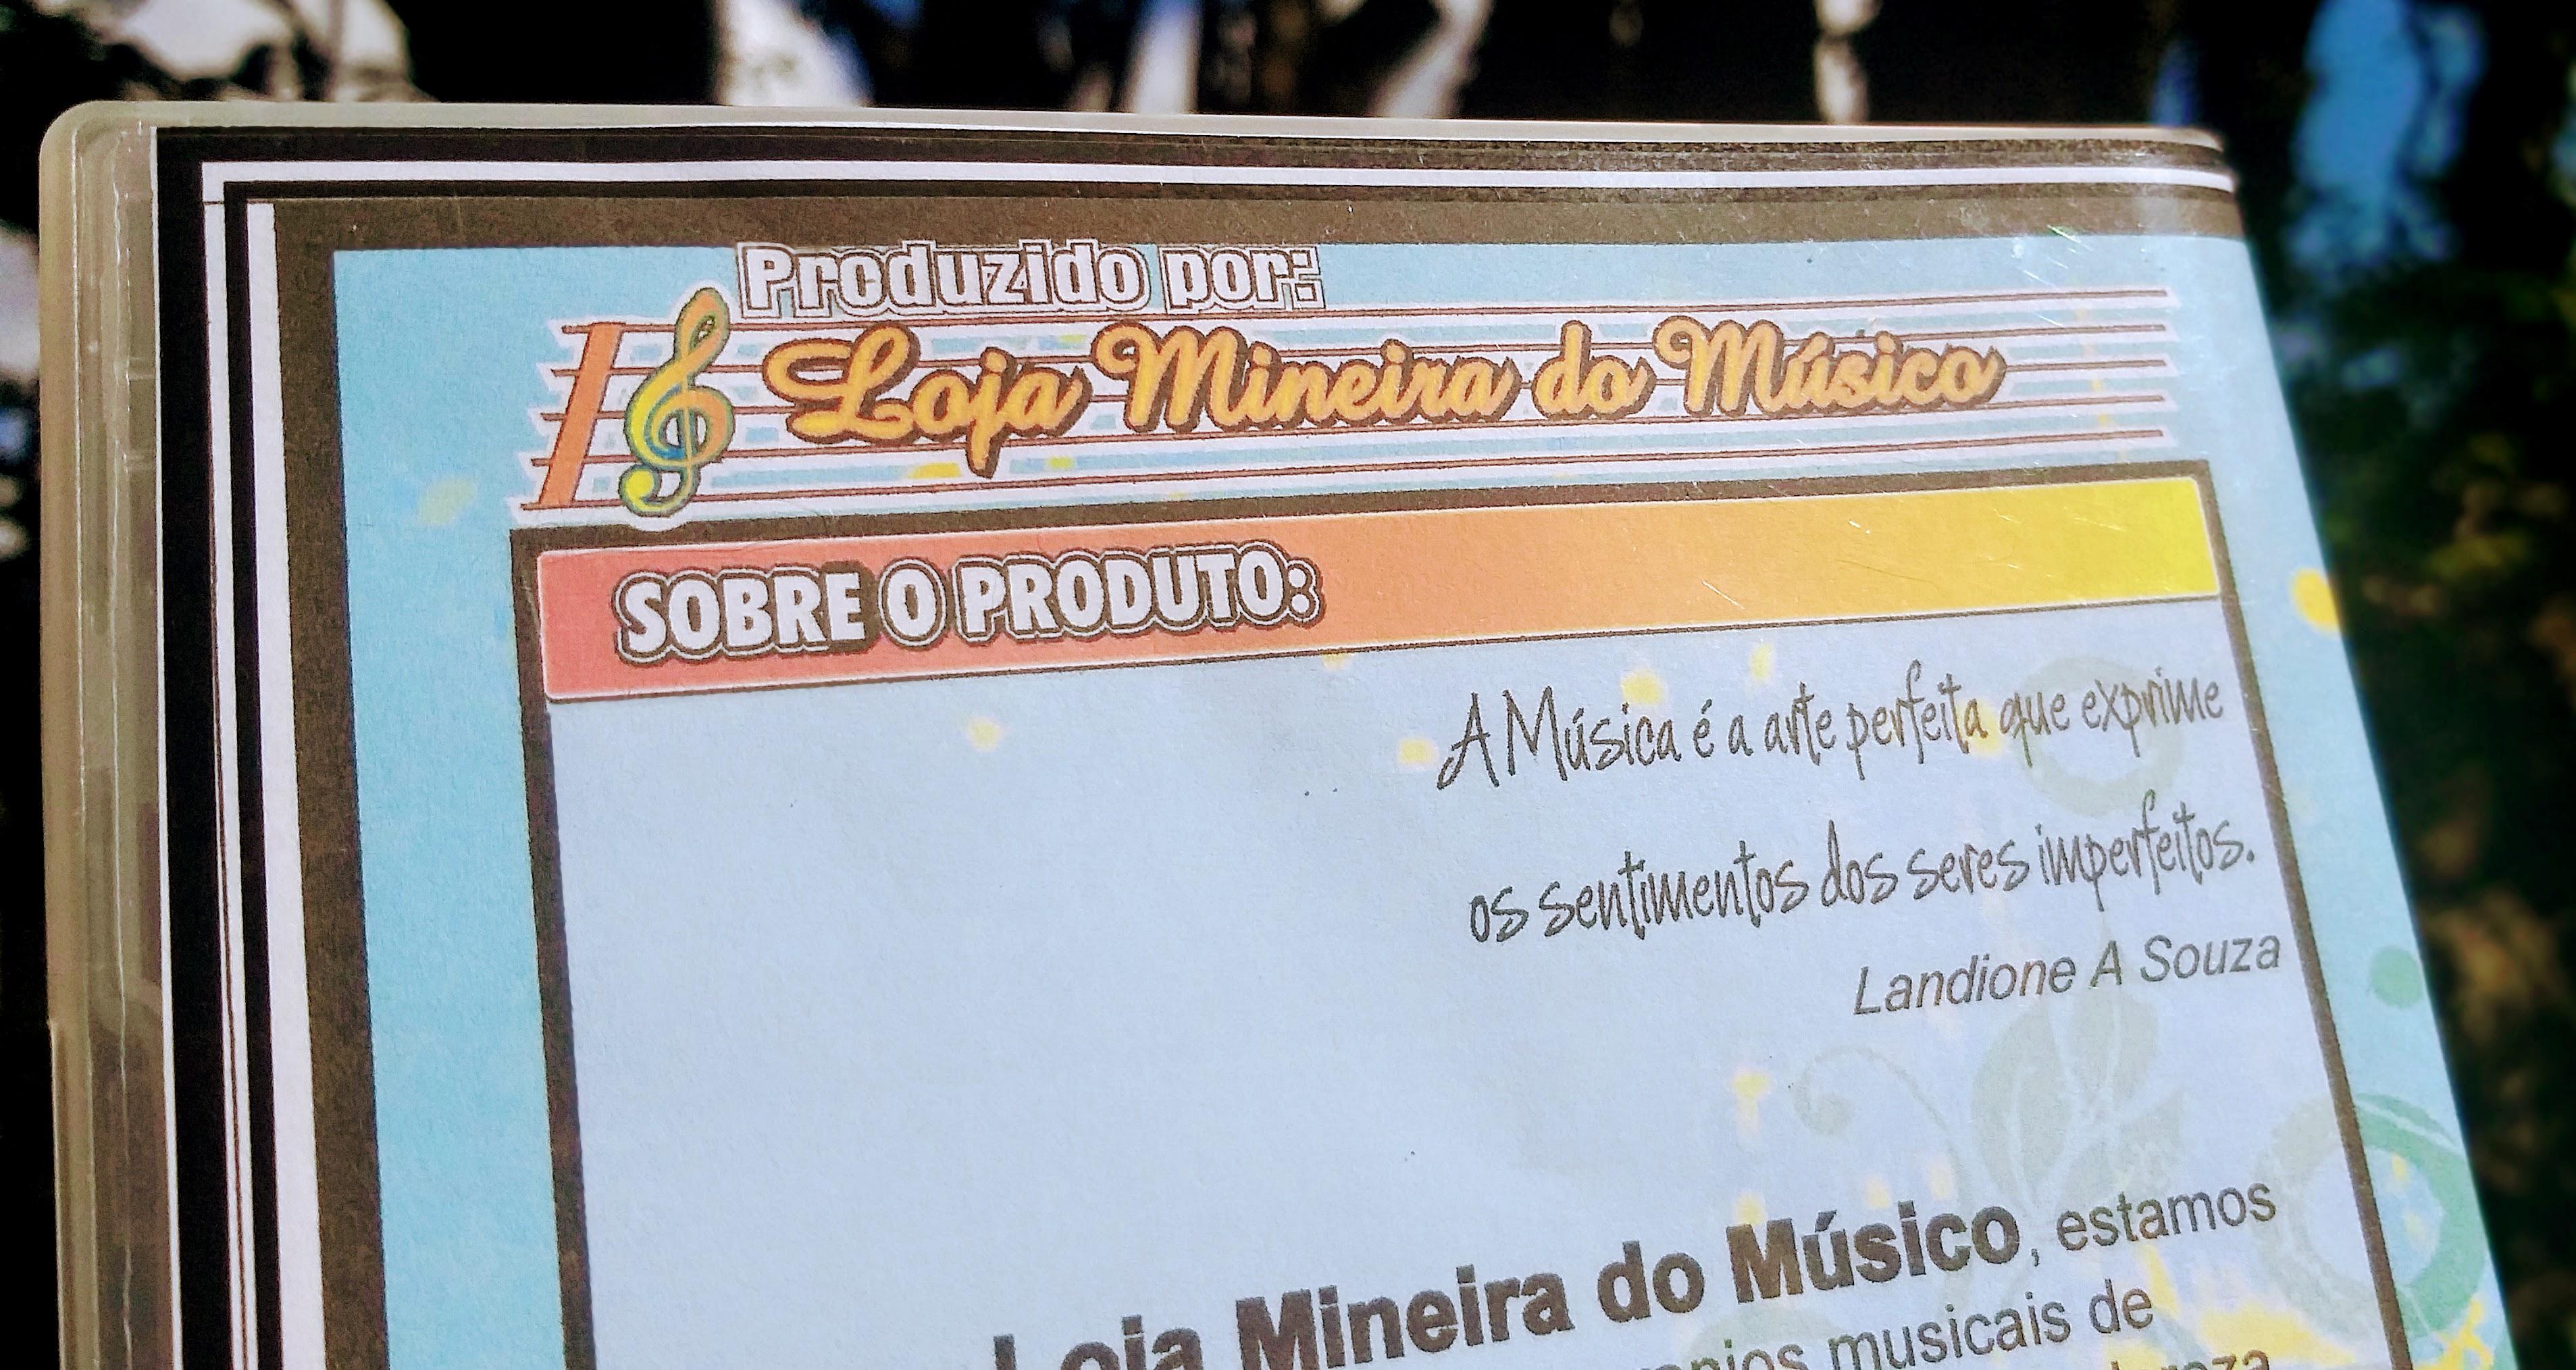 baixar midis pela internet 45000 midis loja mineira do musico